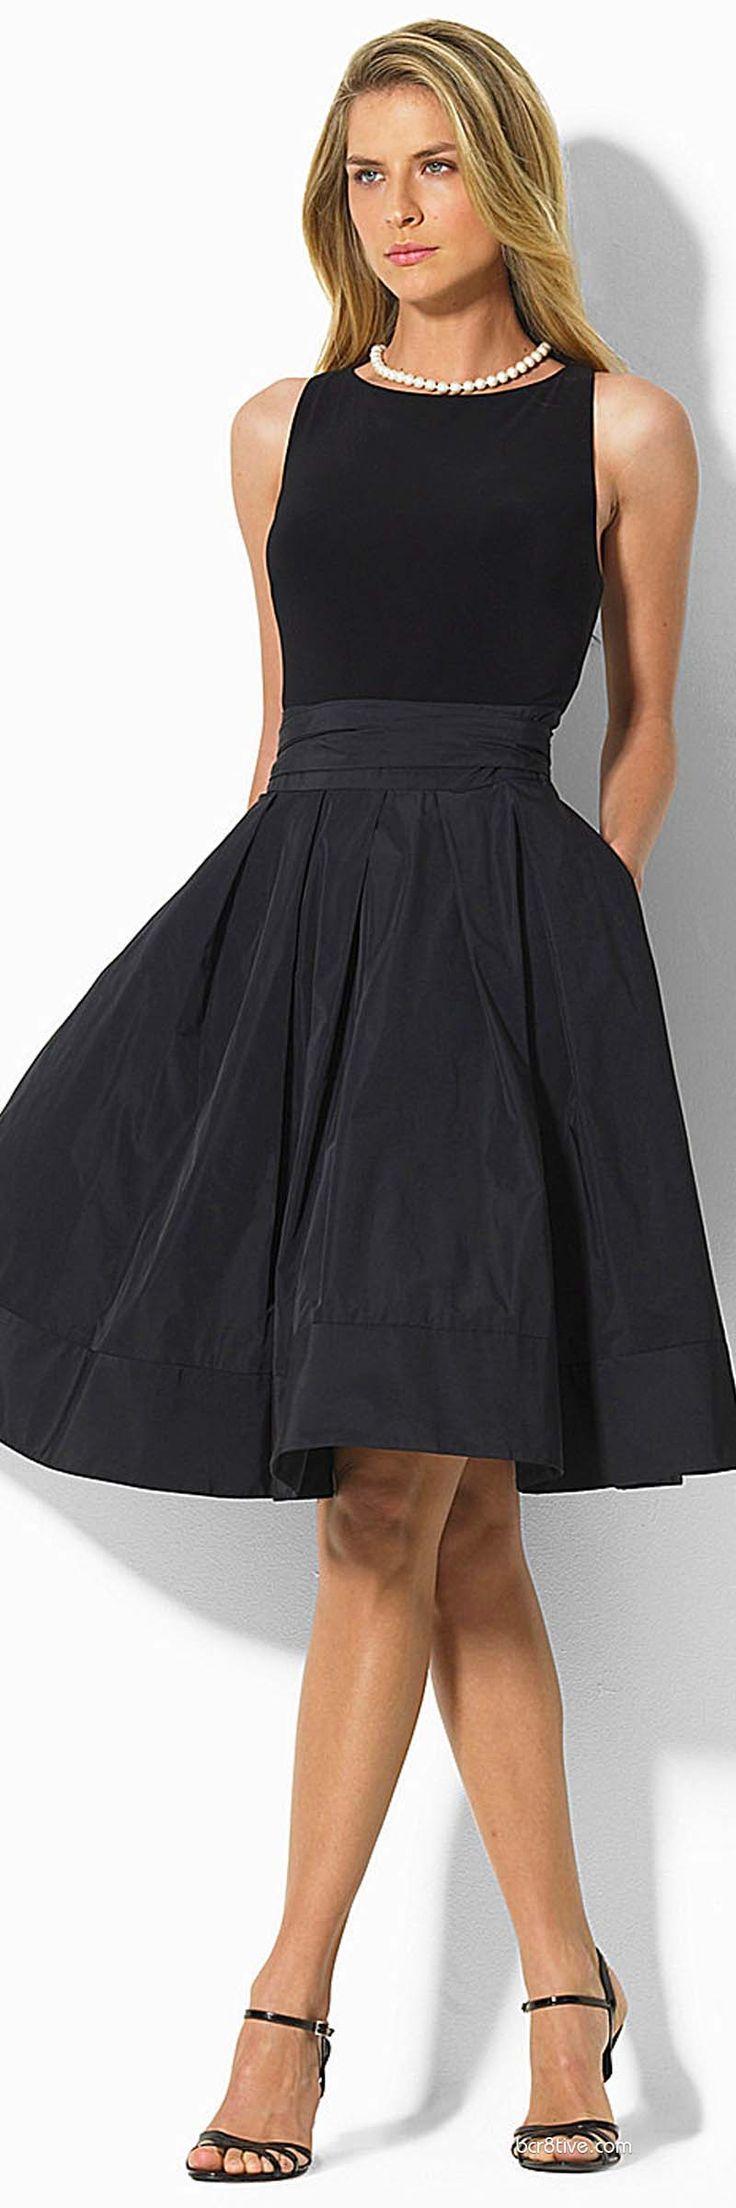 25  best ideas about Black dress pants on Pinterest | Dress pants ...